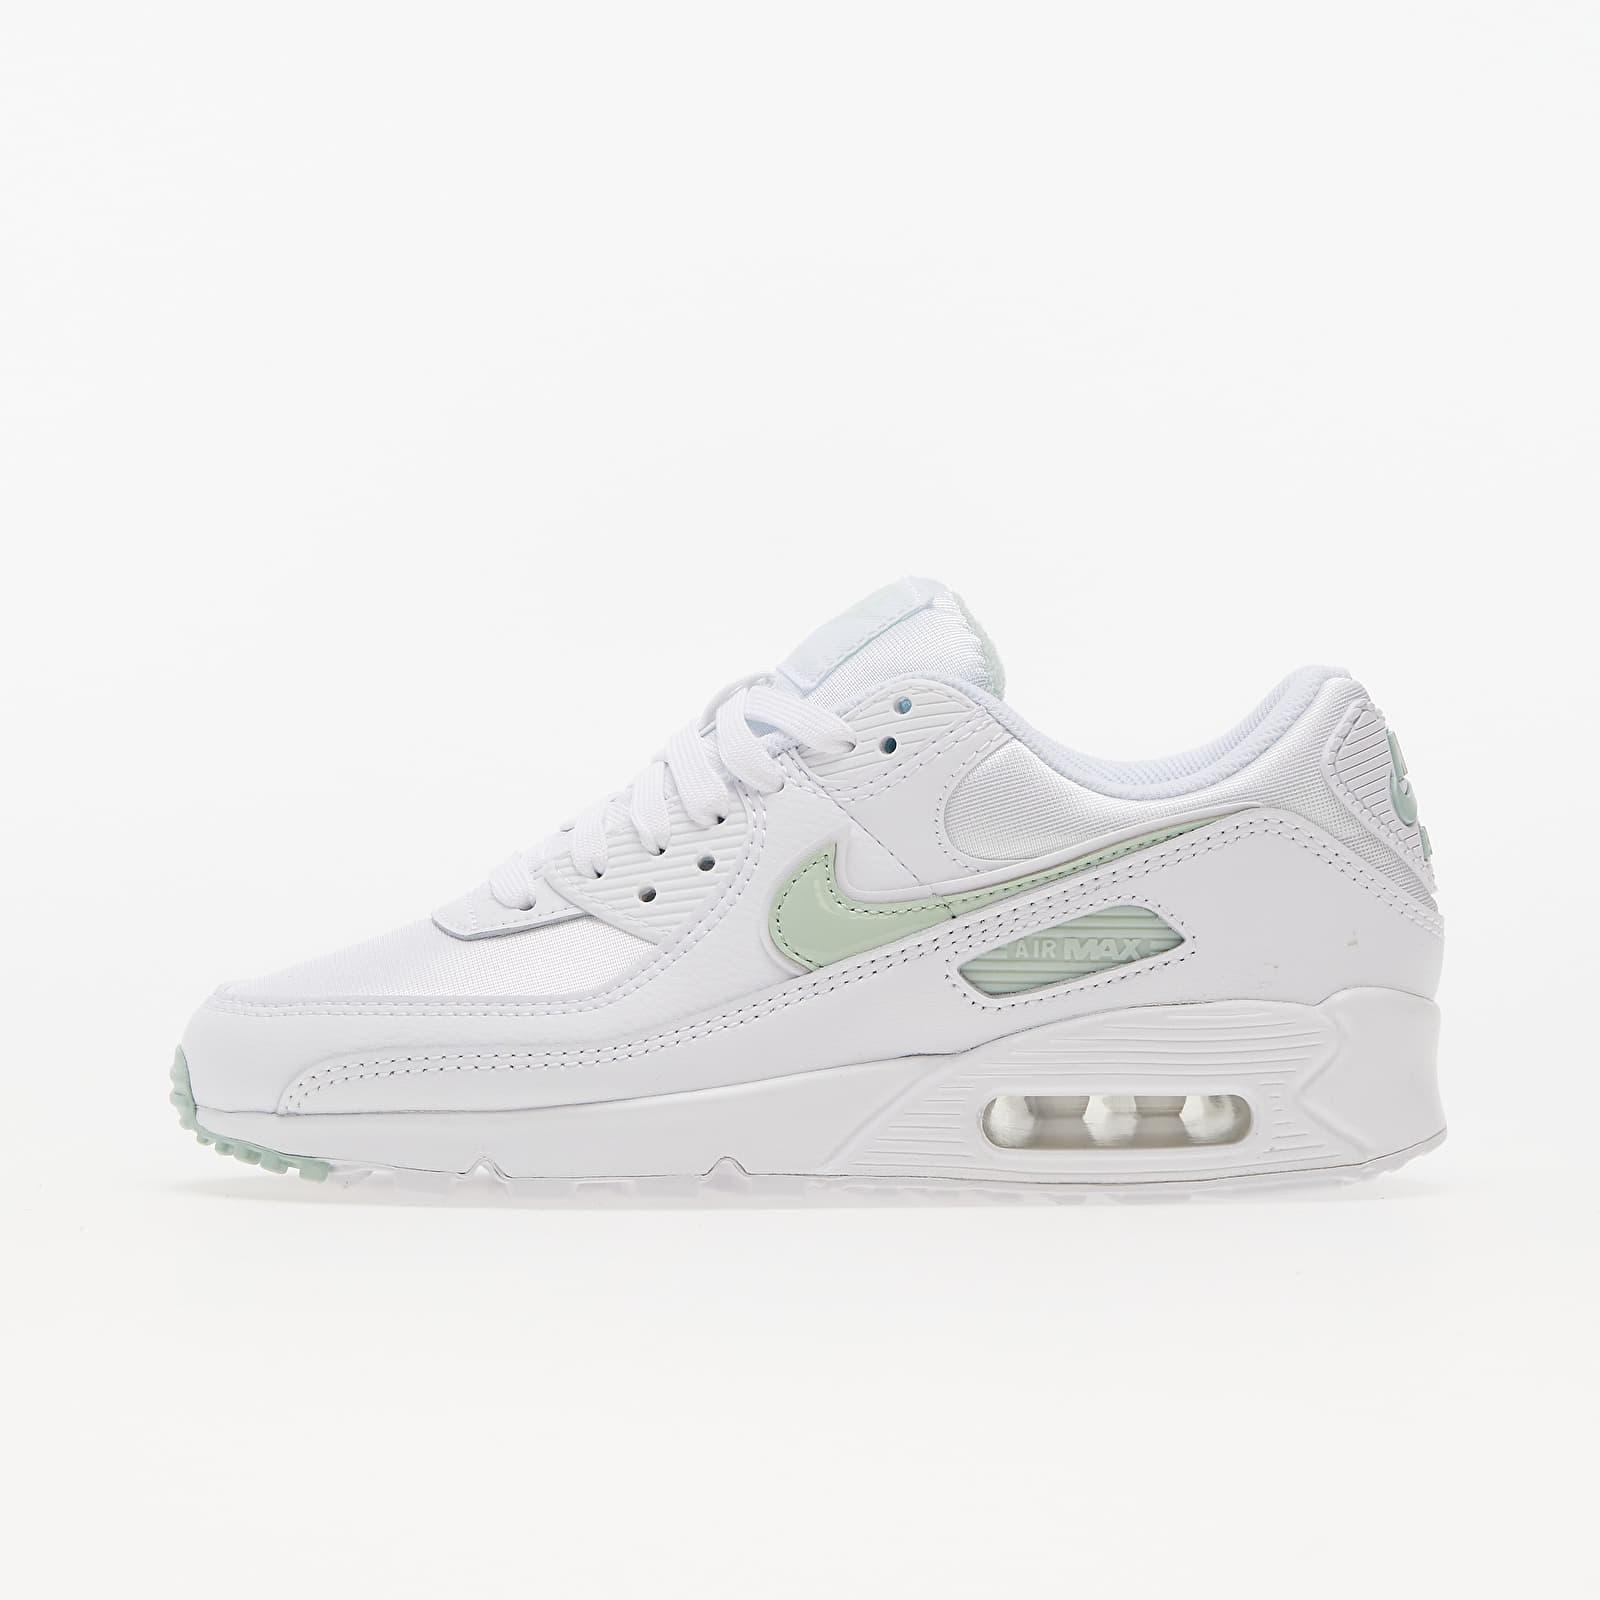 Nike W Air Max 90 White/ Pistachio Frost EUR 37.5